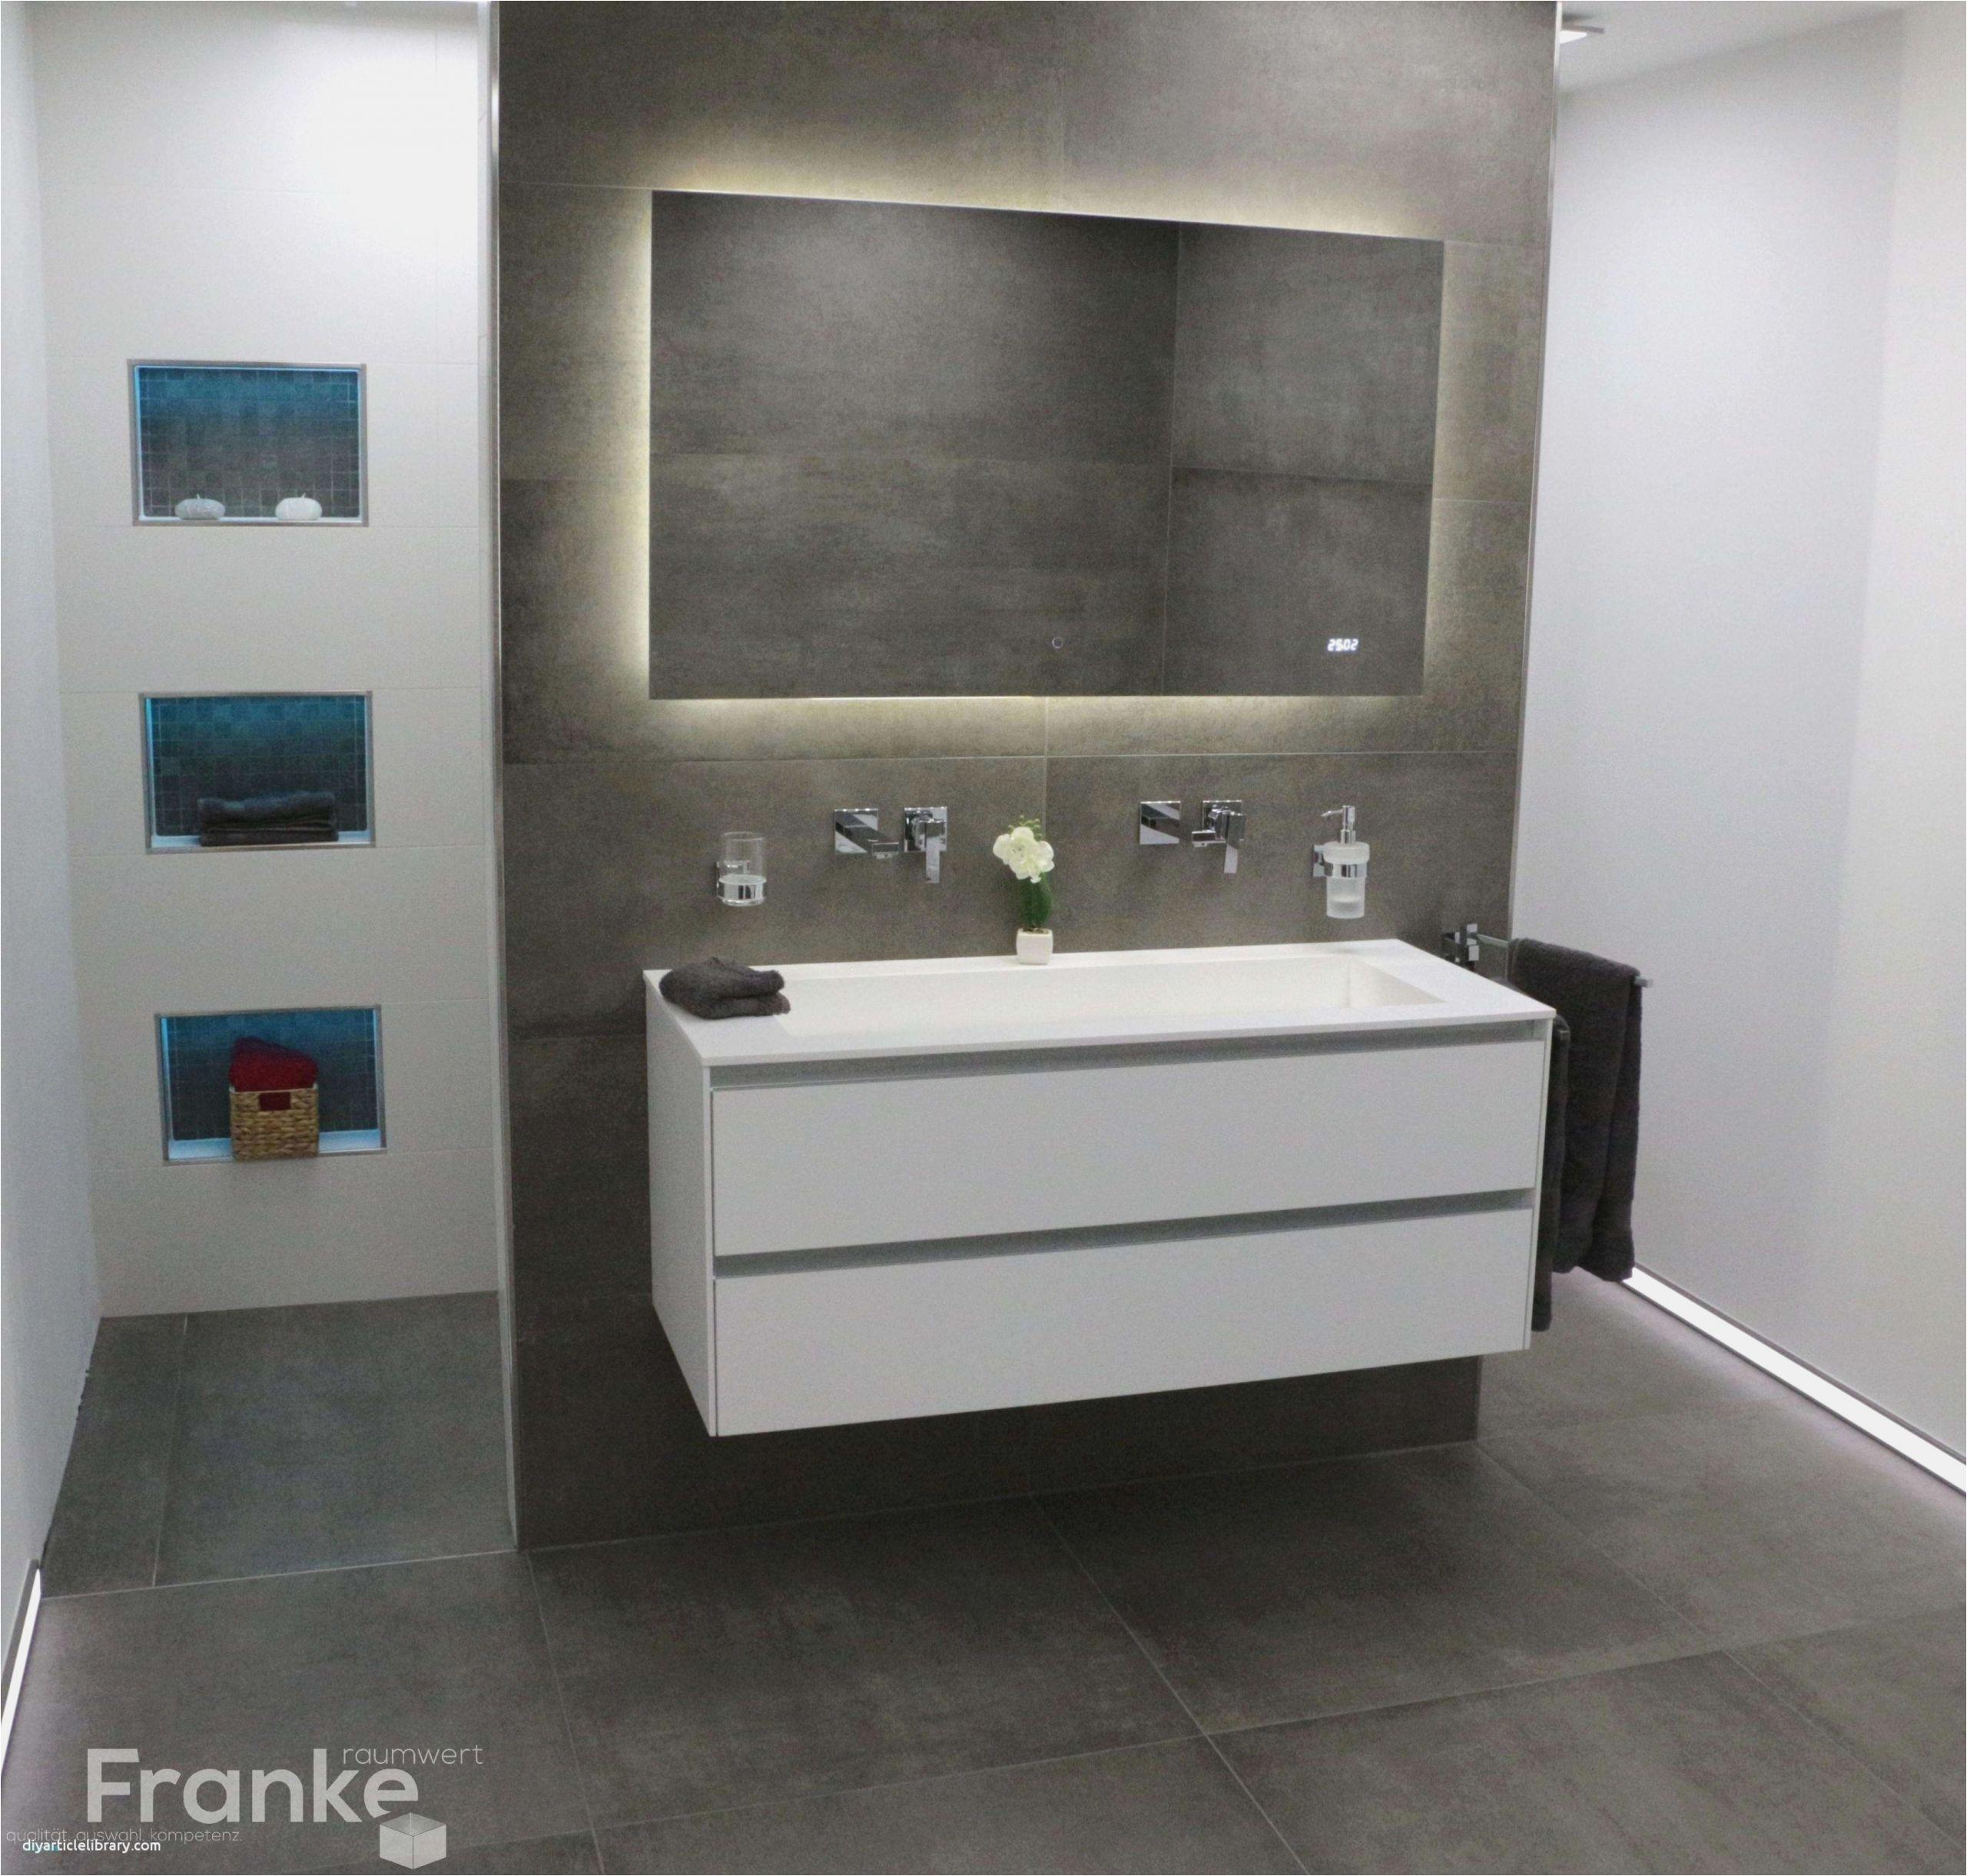 spiegel fur badezimmer frisch altes badezimmer aufpeppen temobardz home blog of spiegel fur badezimmer scaled